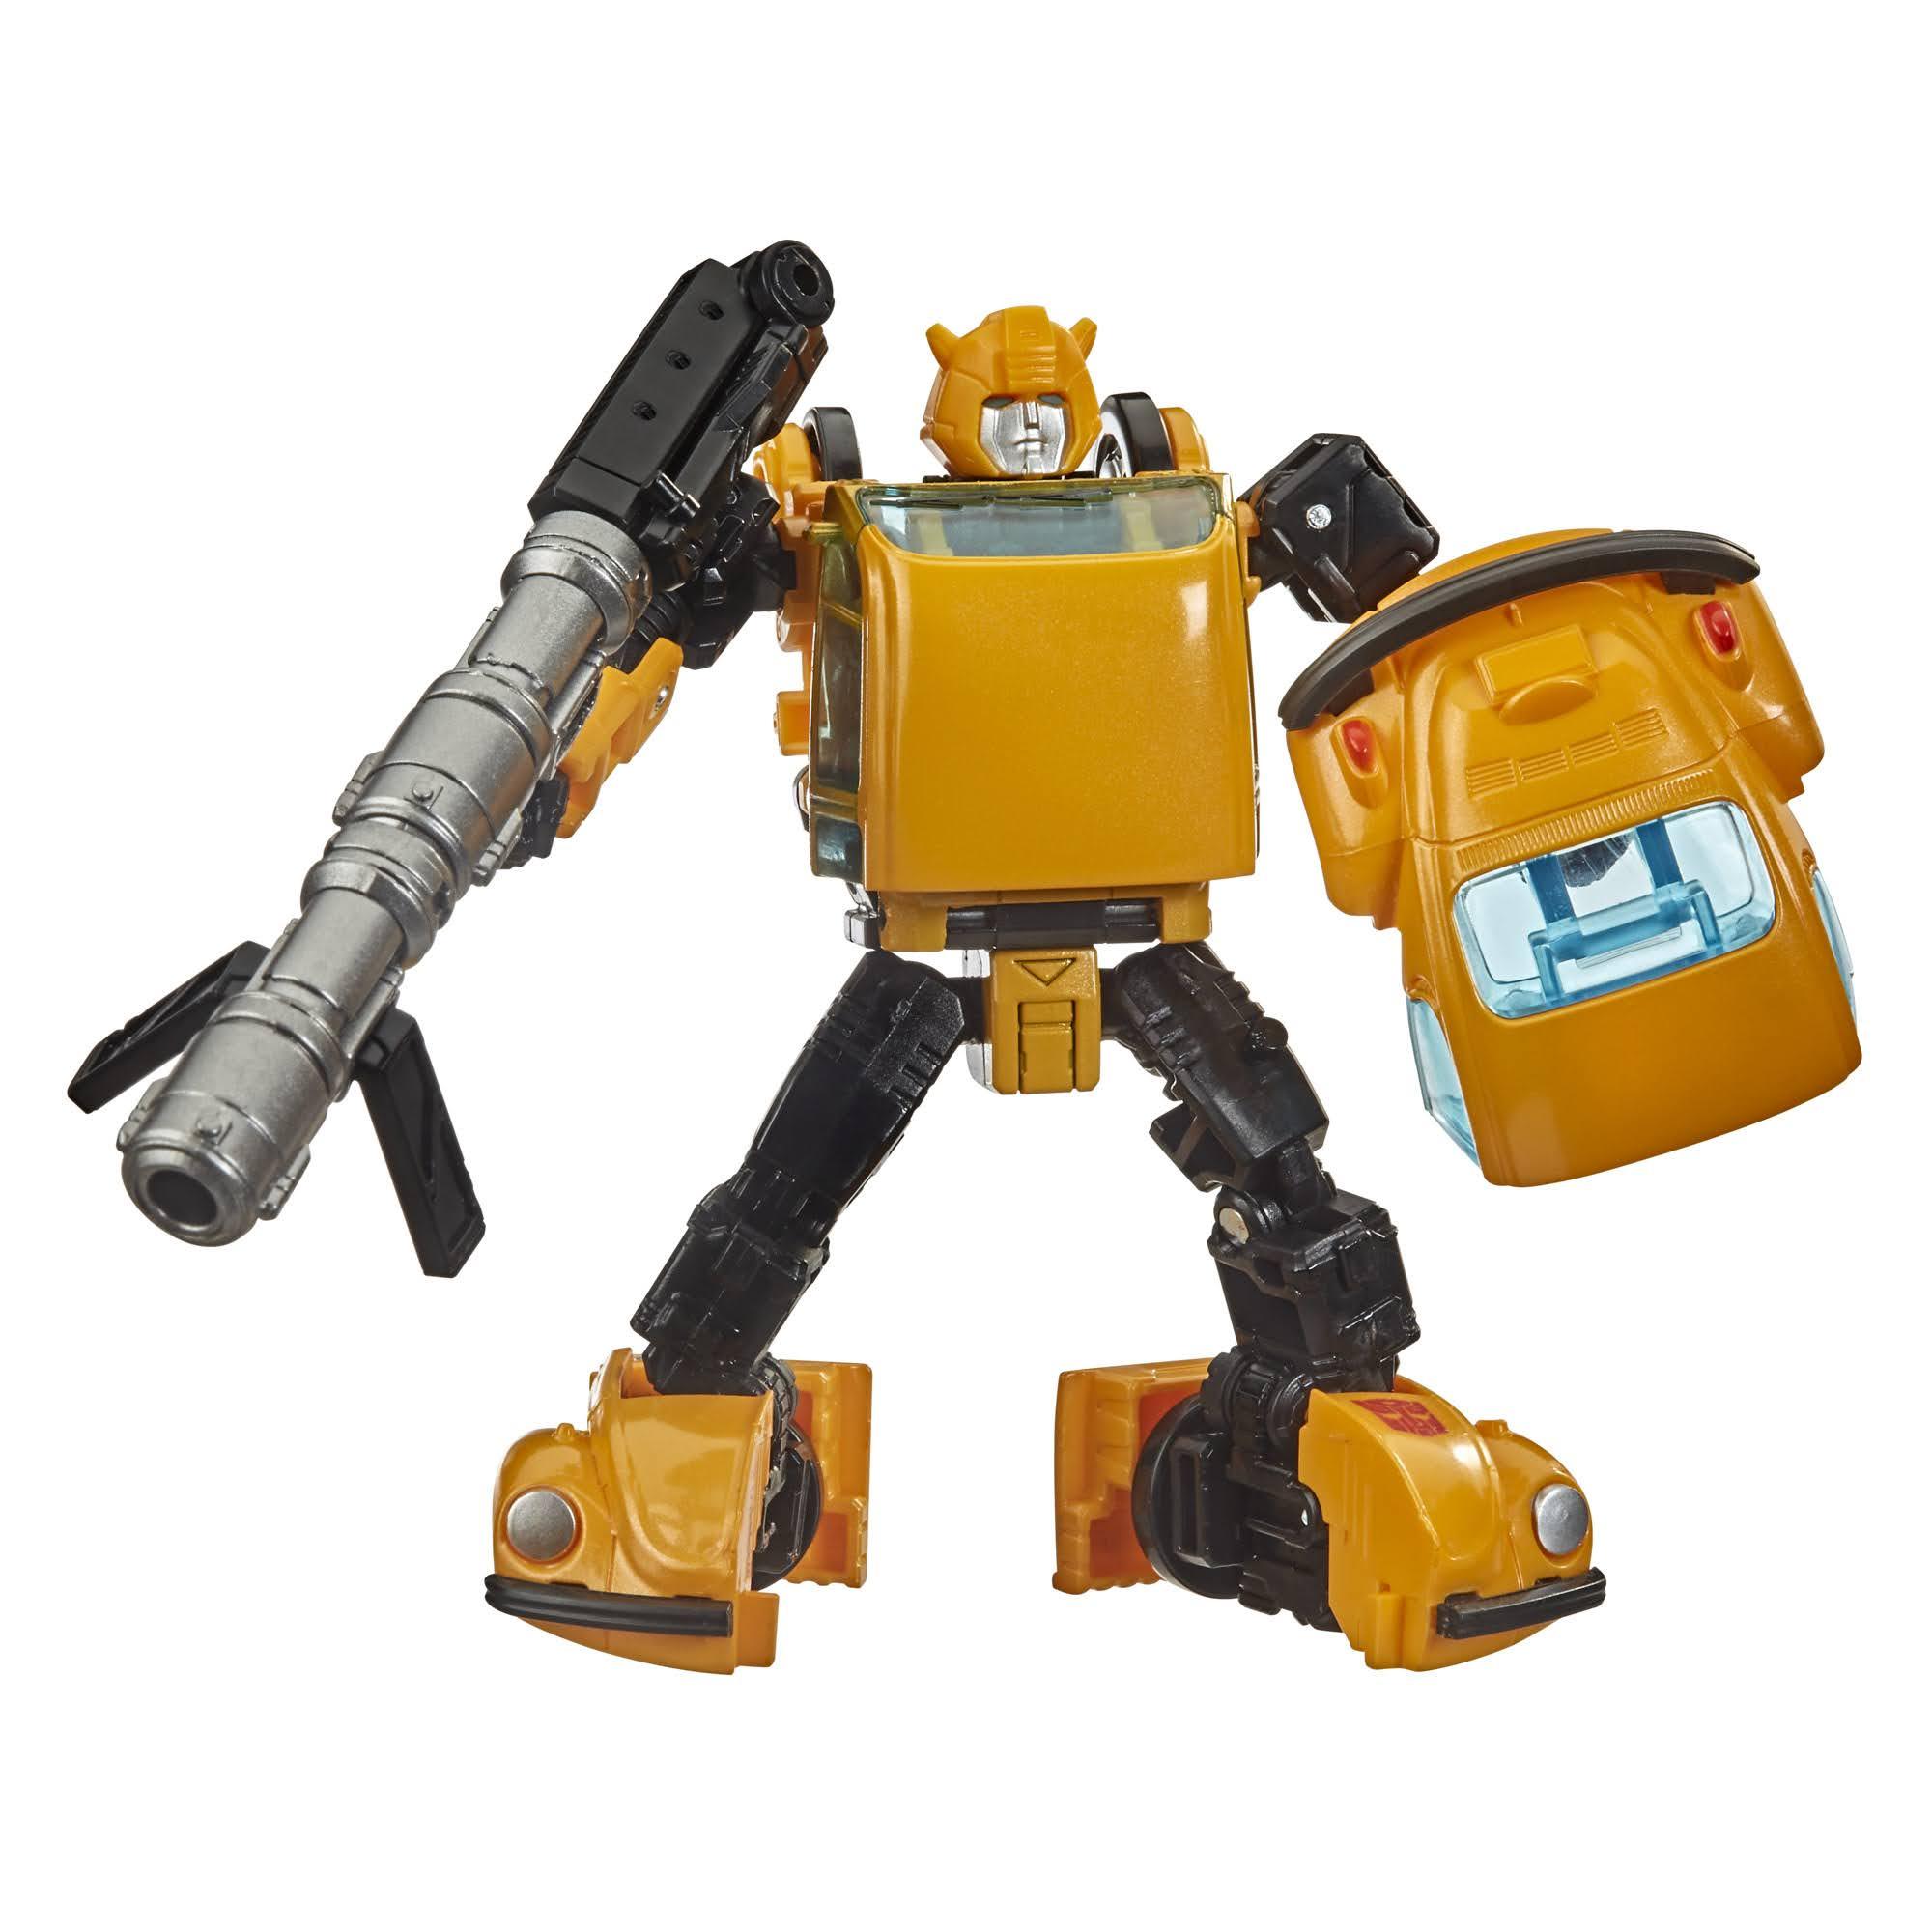 Transformers 2 Netflix